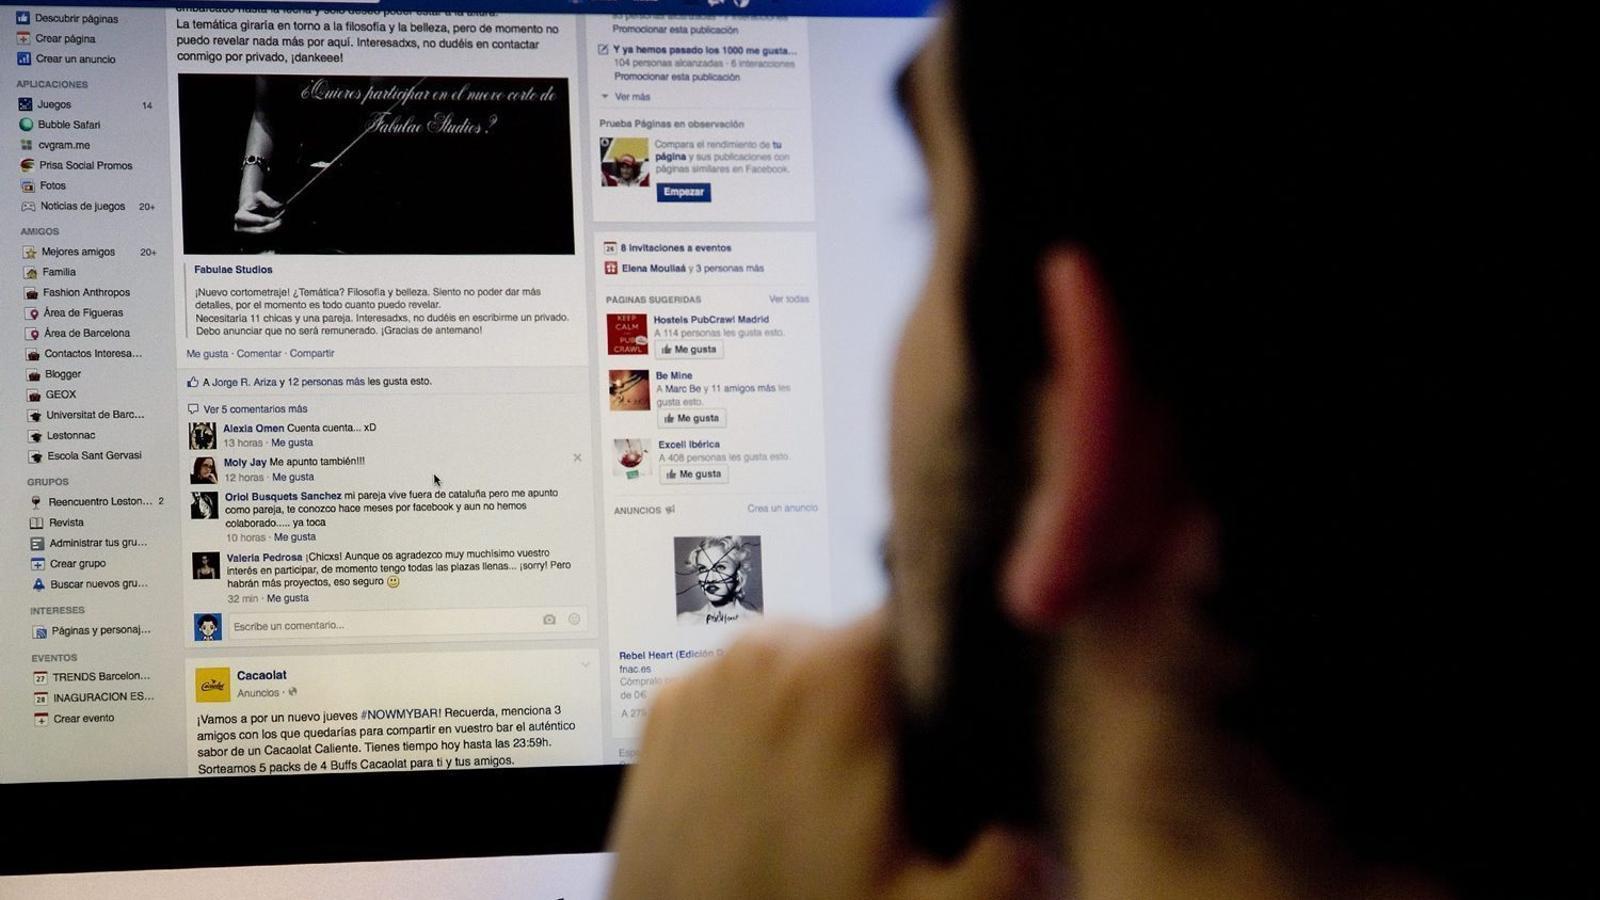 La UE està preocupada per les notícies falses escampades a través de les xarxes socials